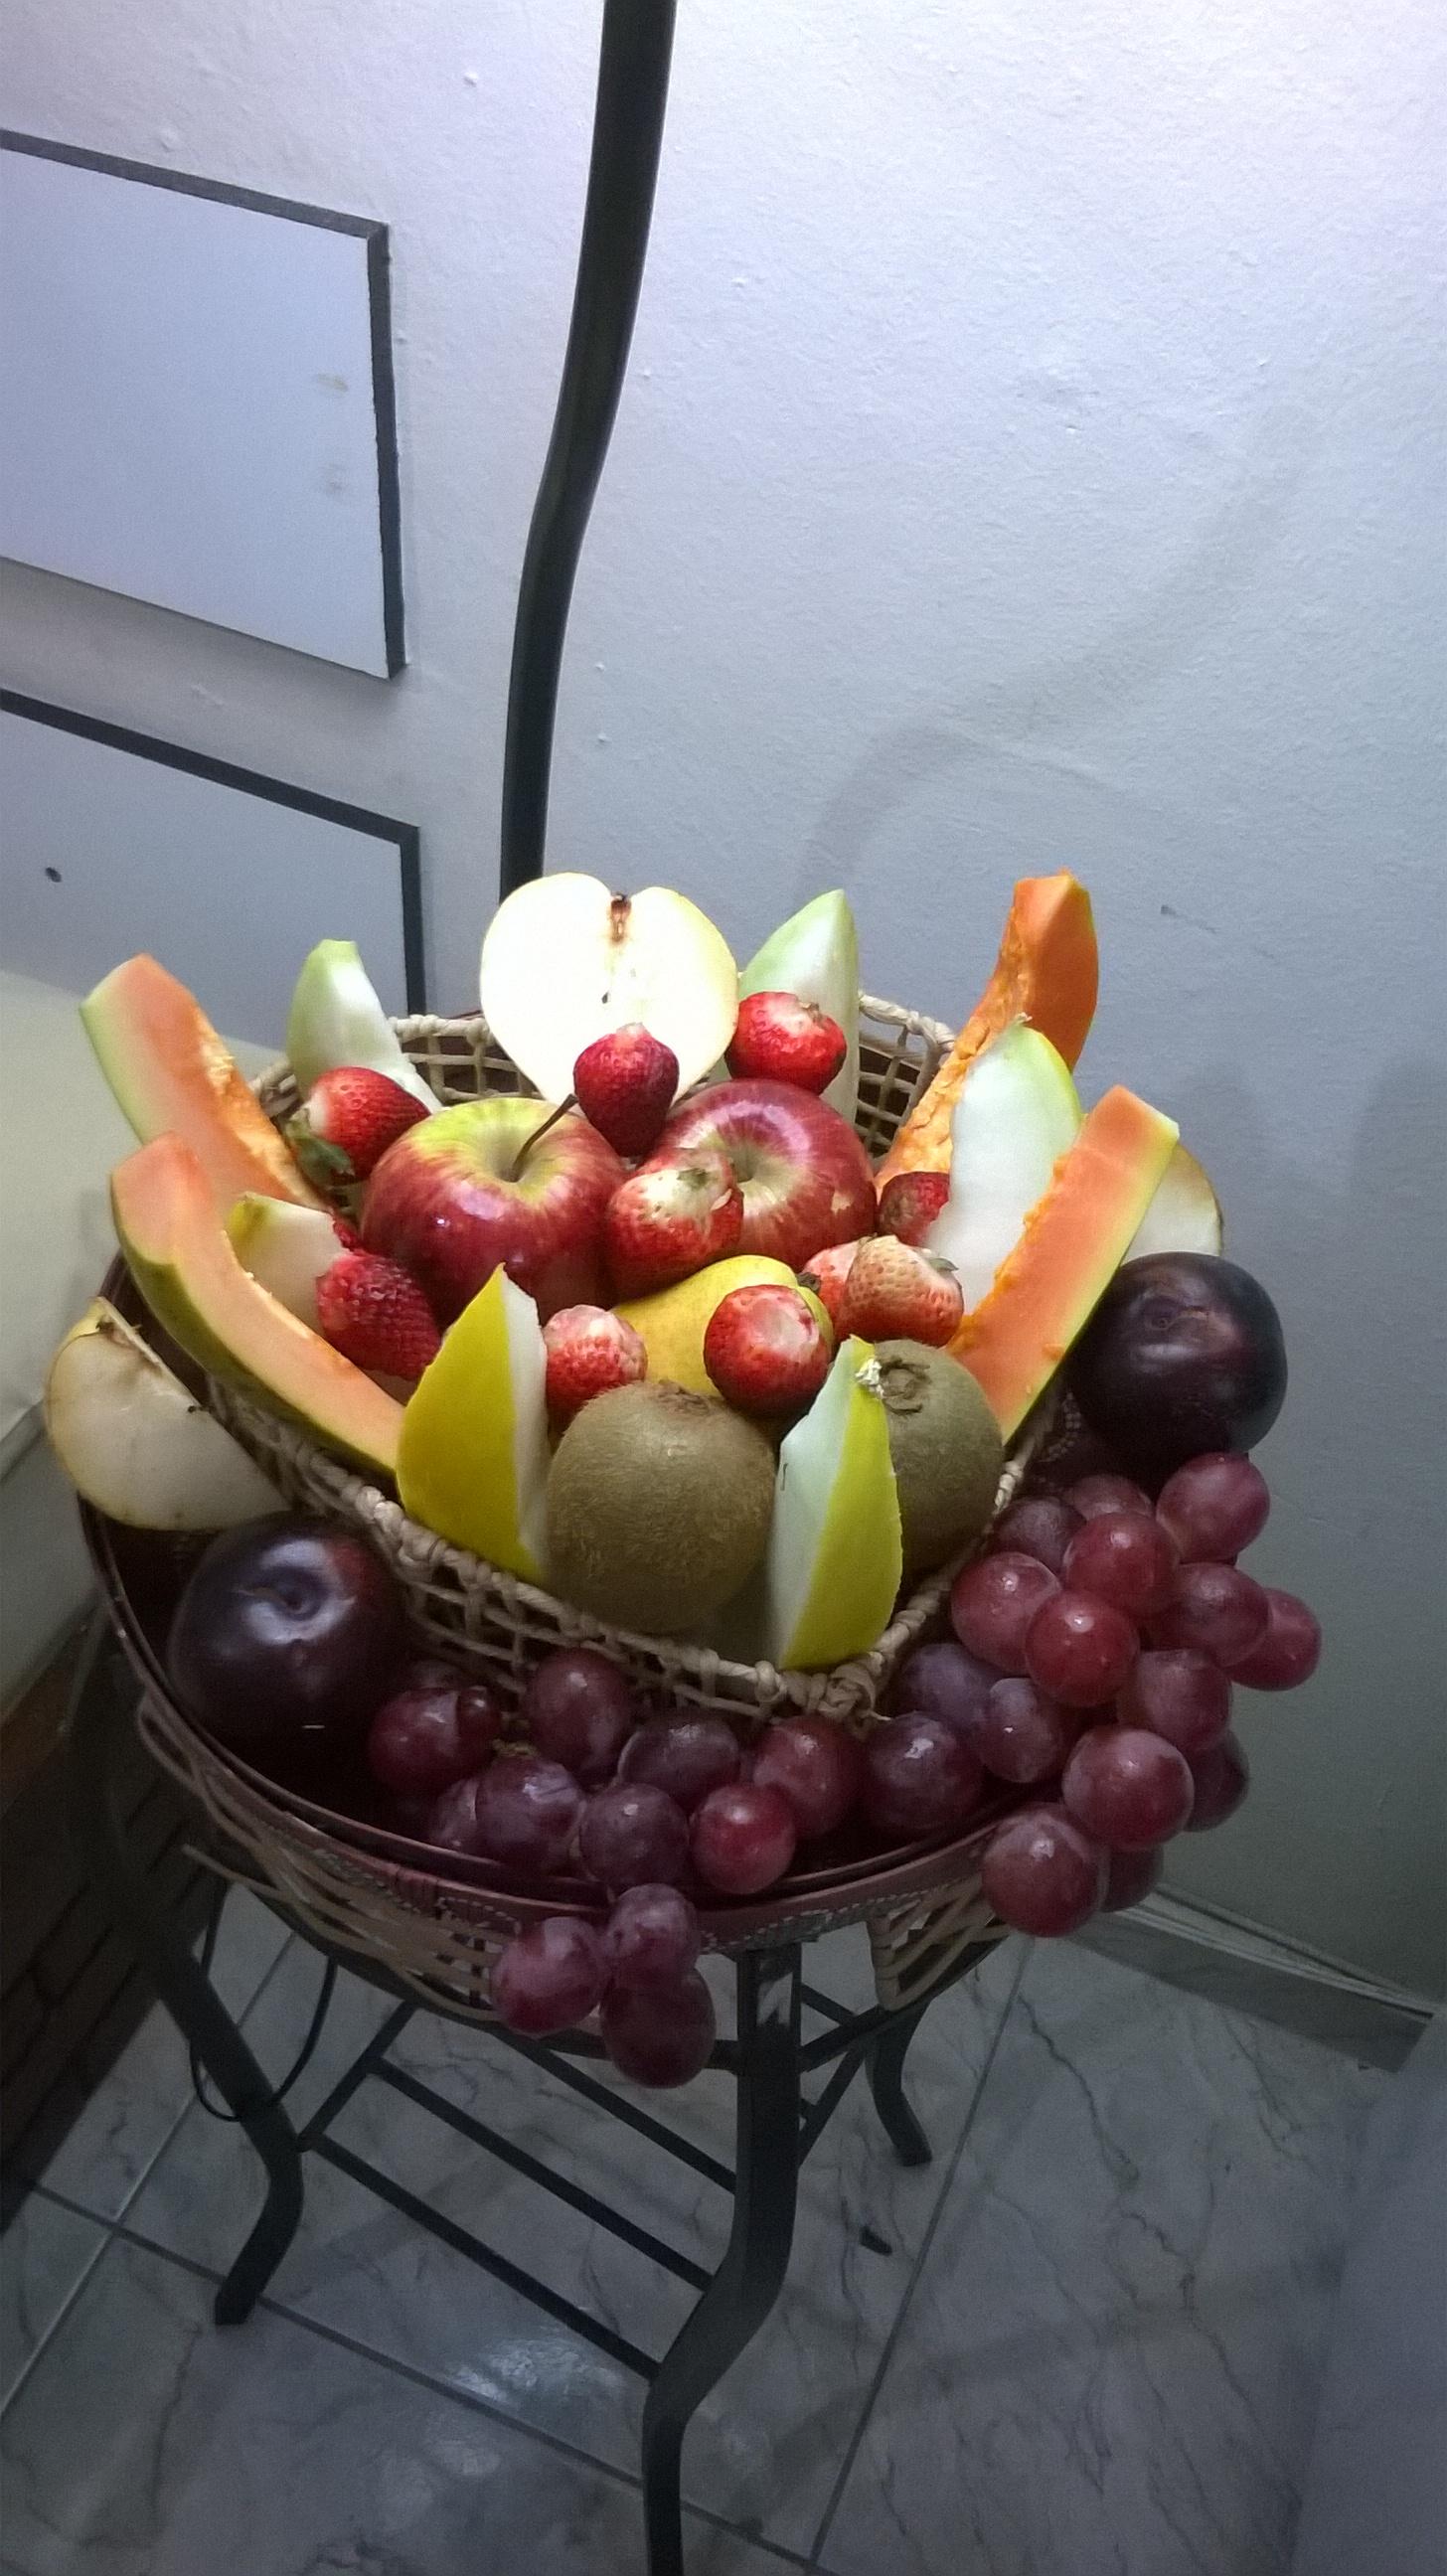 Bandeja com frutas